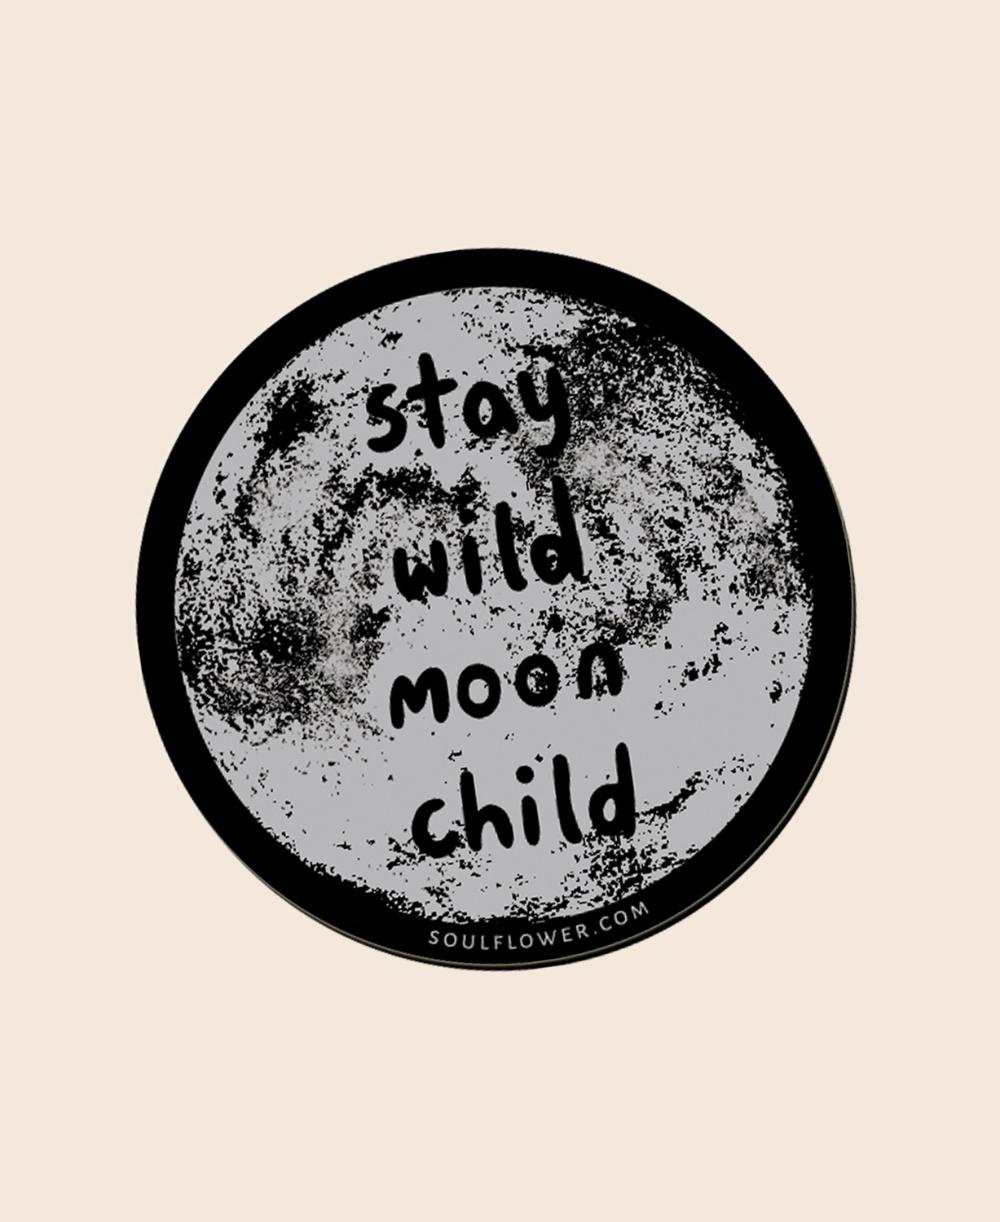 Stay Wild Moon Child Magnet Stay Wild Moon Child Wild Moon Hippie Sticker [ 1222 x 1000 Pixel ]